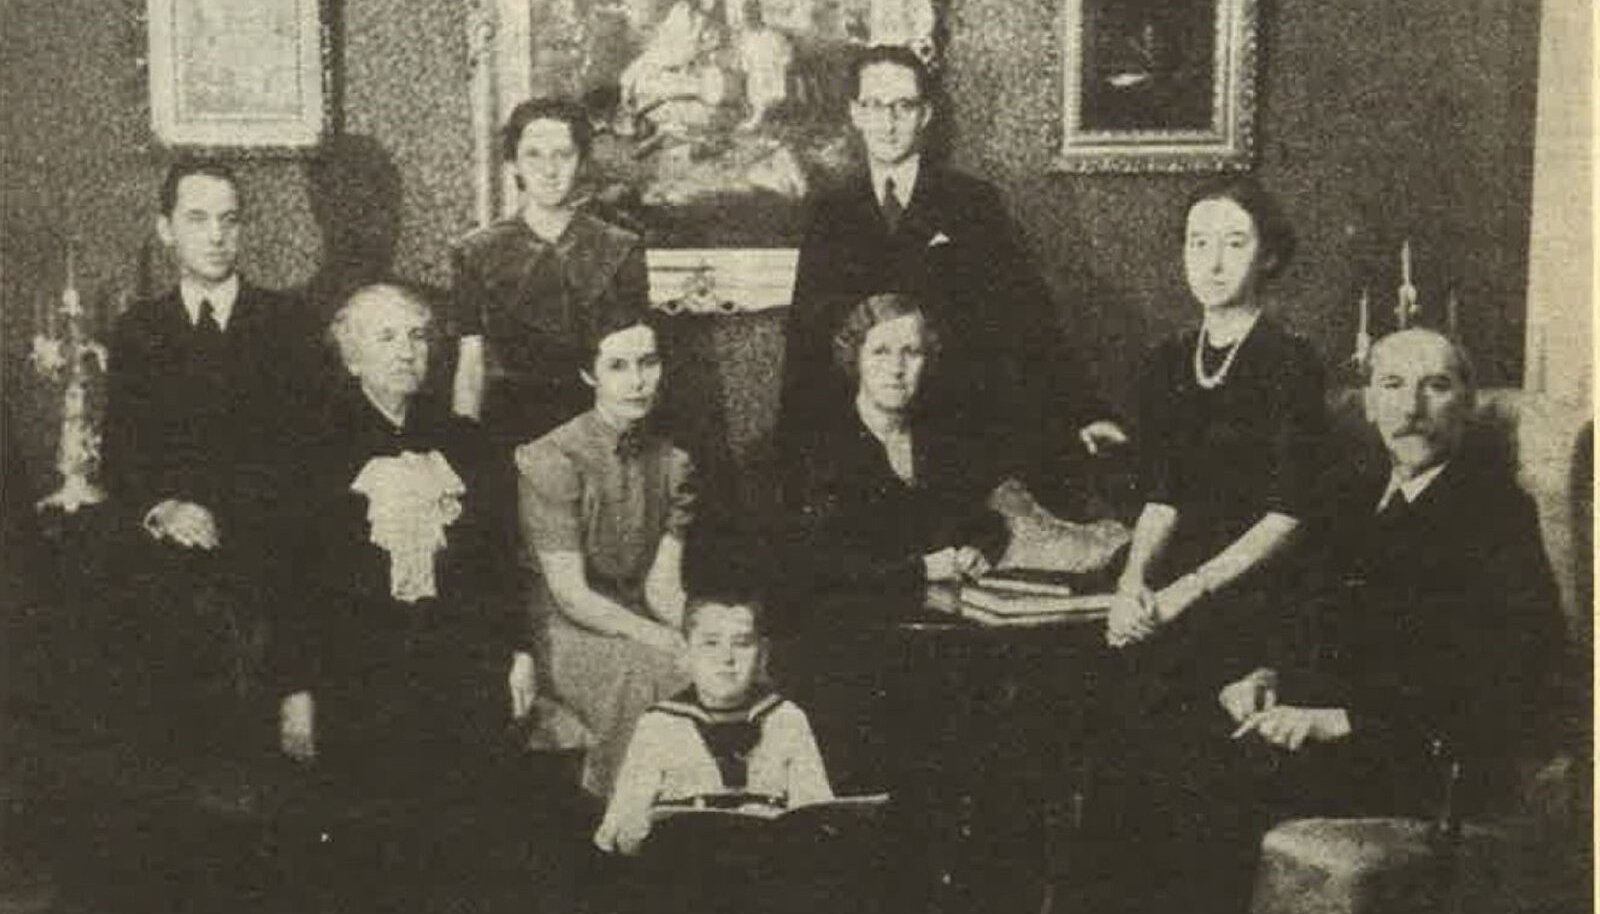 JAAN TÕNISSONI PEREKOND 1938: Seisavad poeg Heldur, minia Amanda, poeg Ilmar, istuvad ämm anna Lõhmus, tütar Hilja, abikaasa Hildegard, tütar Lagle ja isa Jaan. Kõige ees pojapoeg Tõnis.